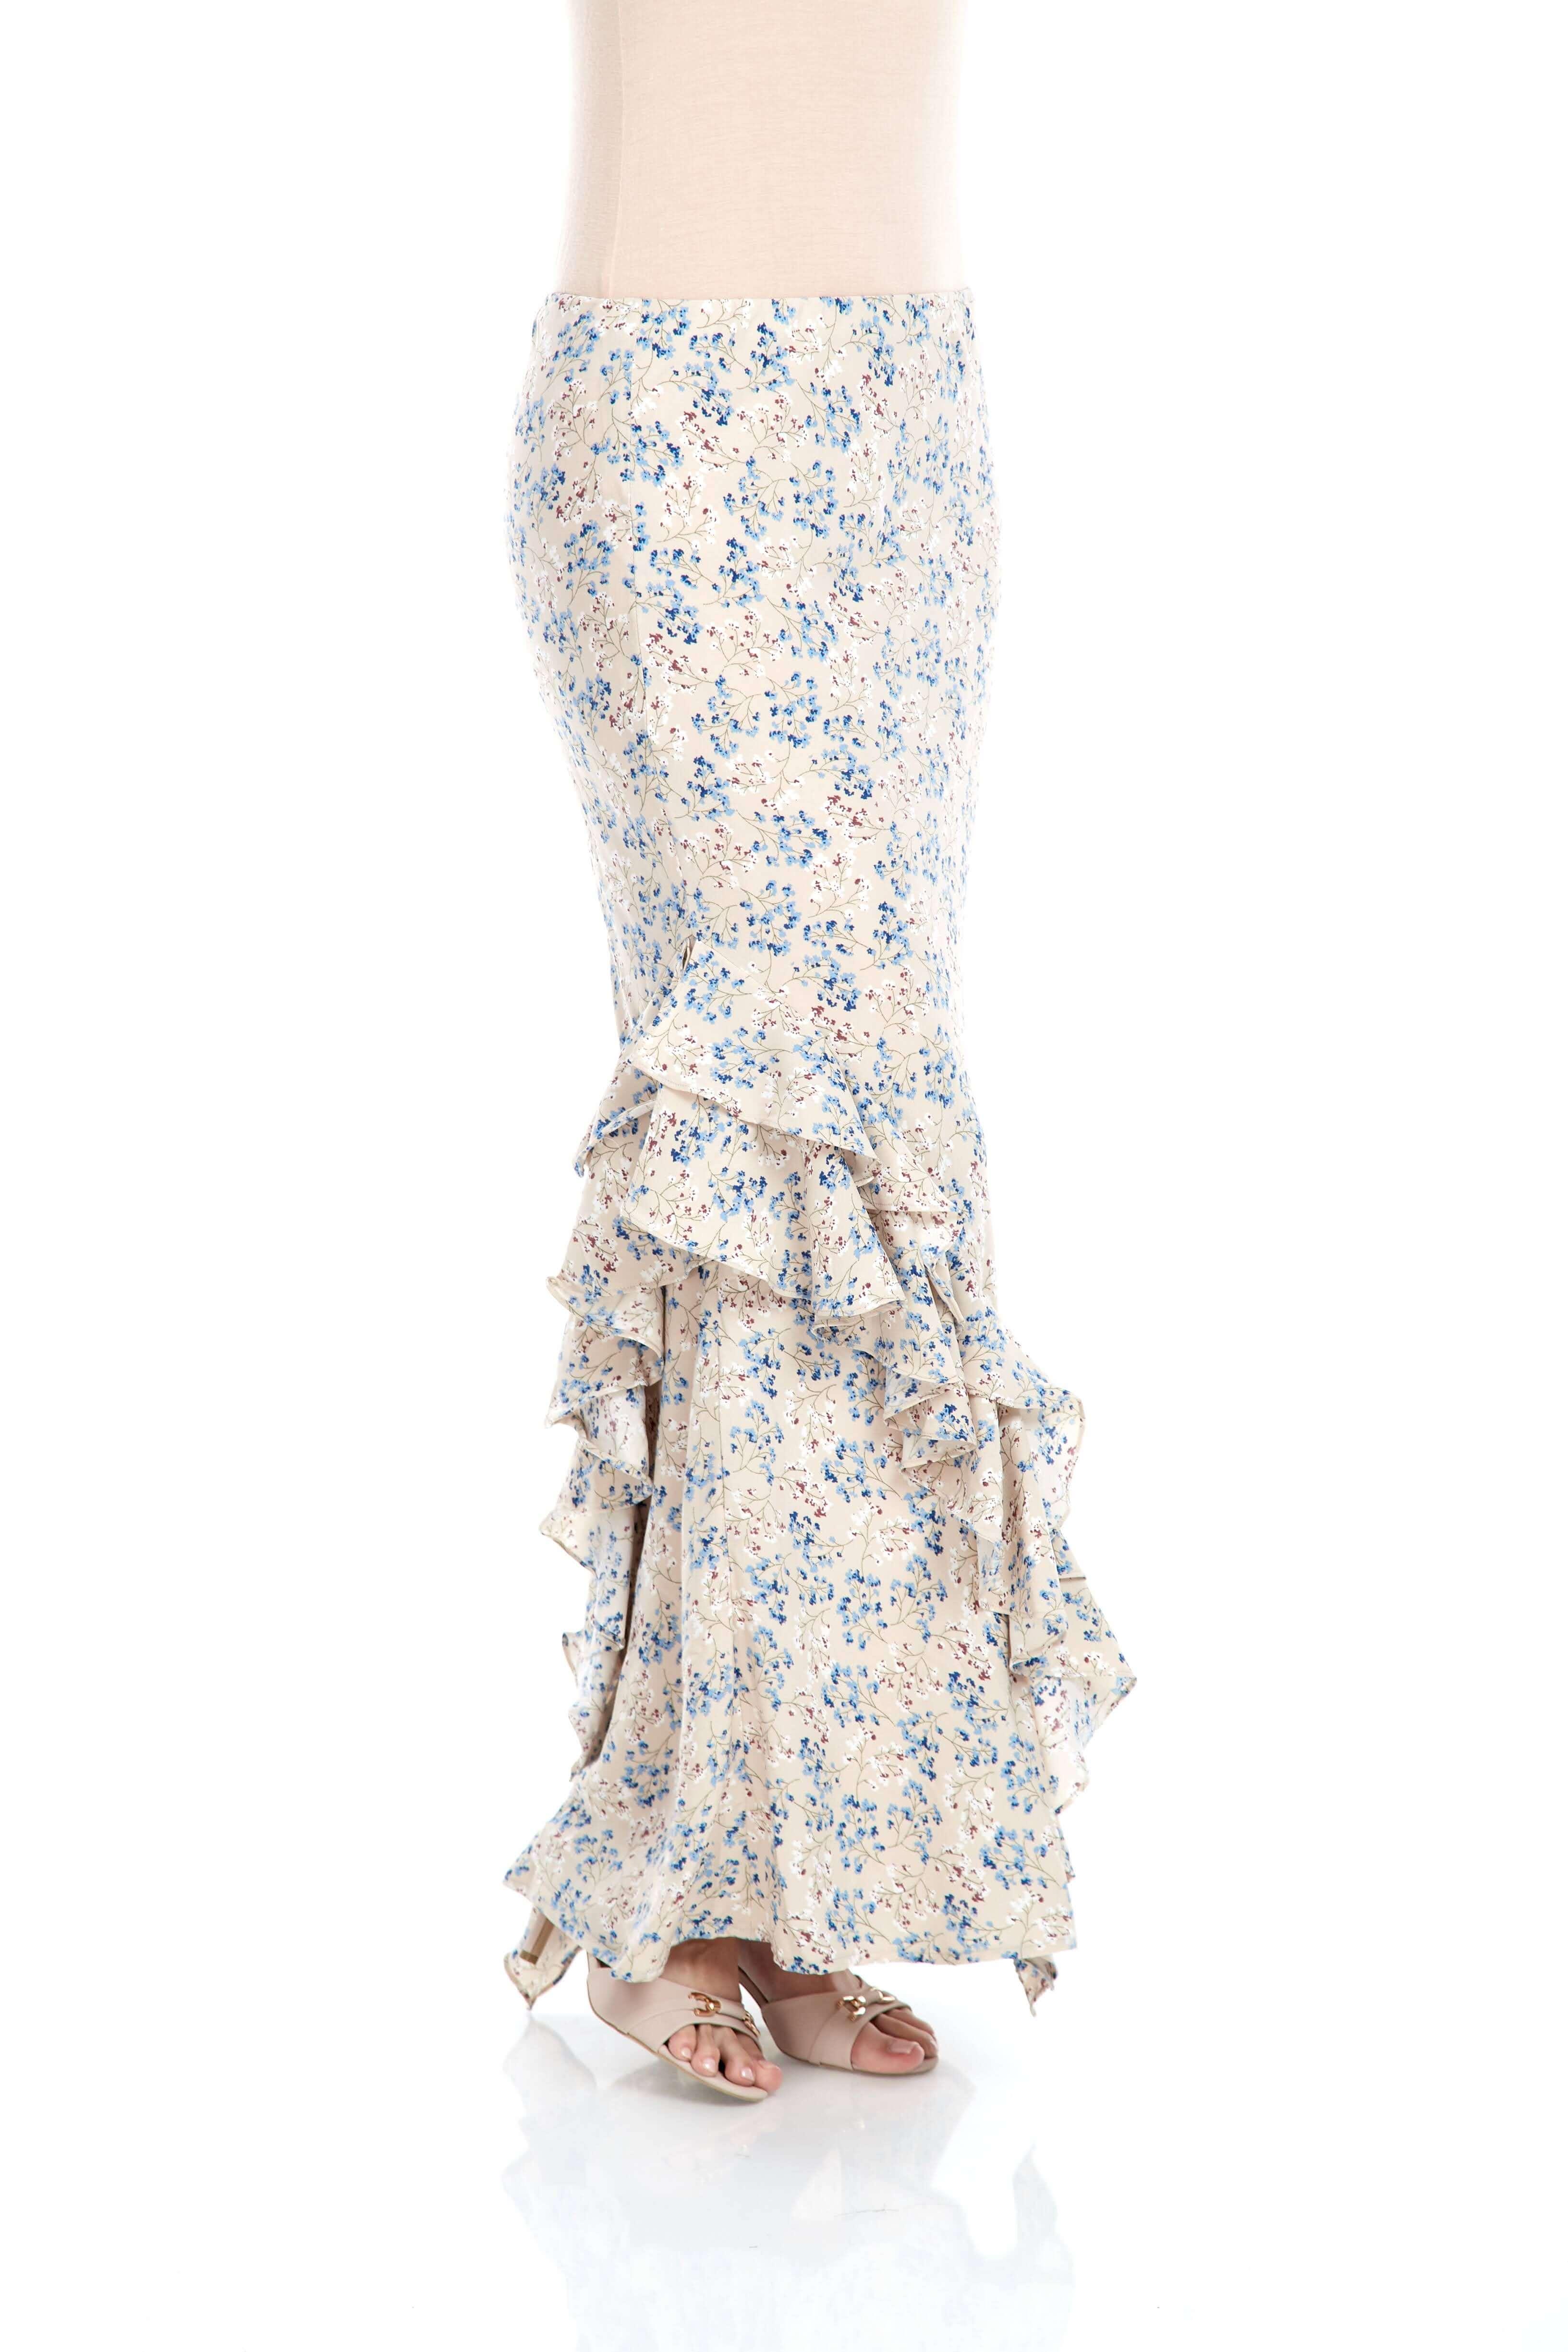 Beige Floral Ruffle Skirt (4)